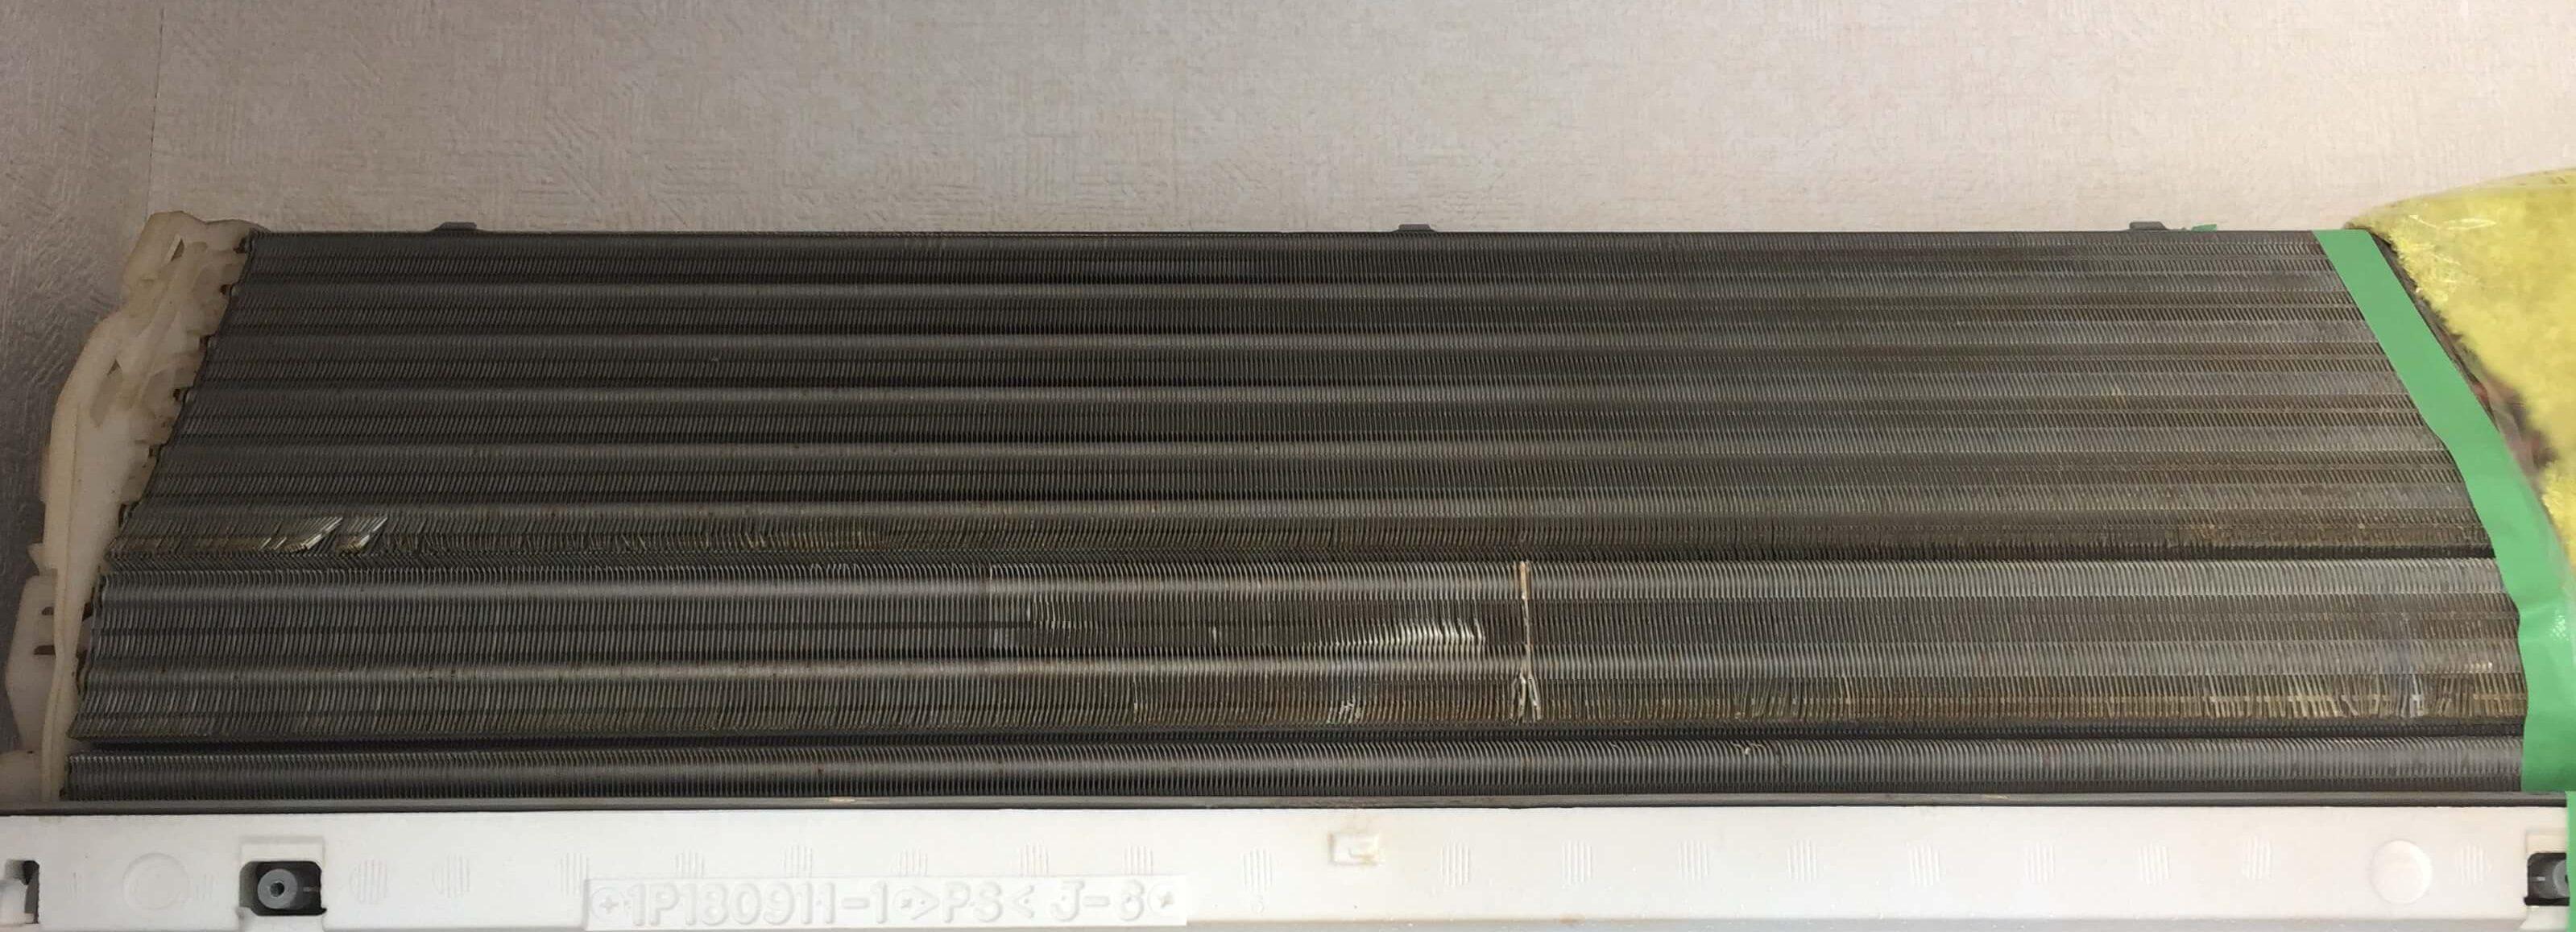 伊丹市 エアコン洗浄 おそうじ/ハウスクリーニング おそうじプラス